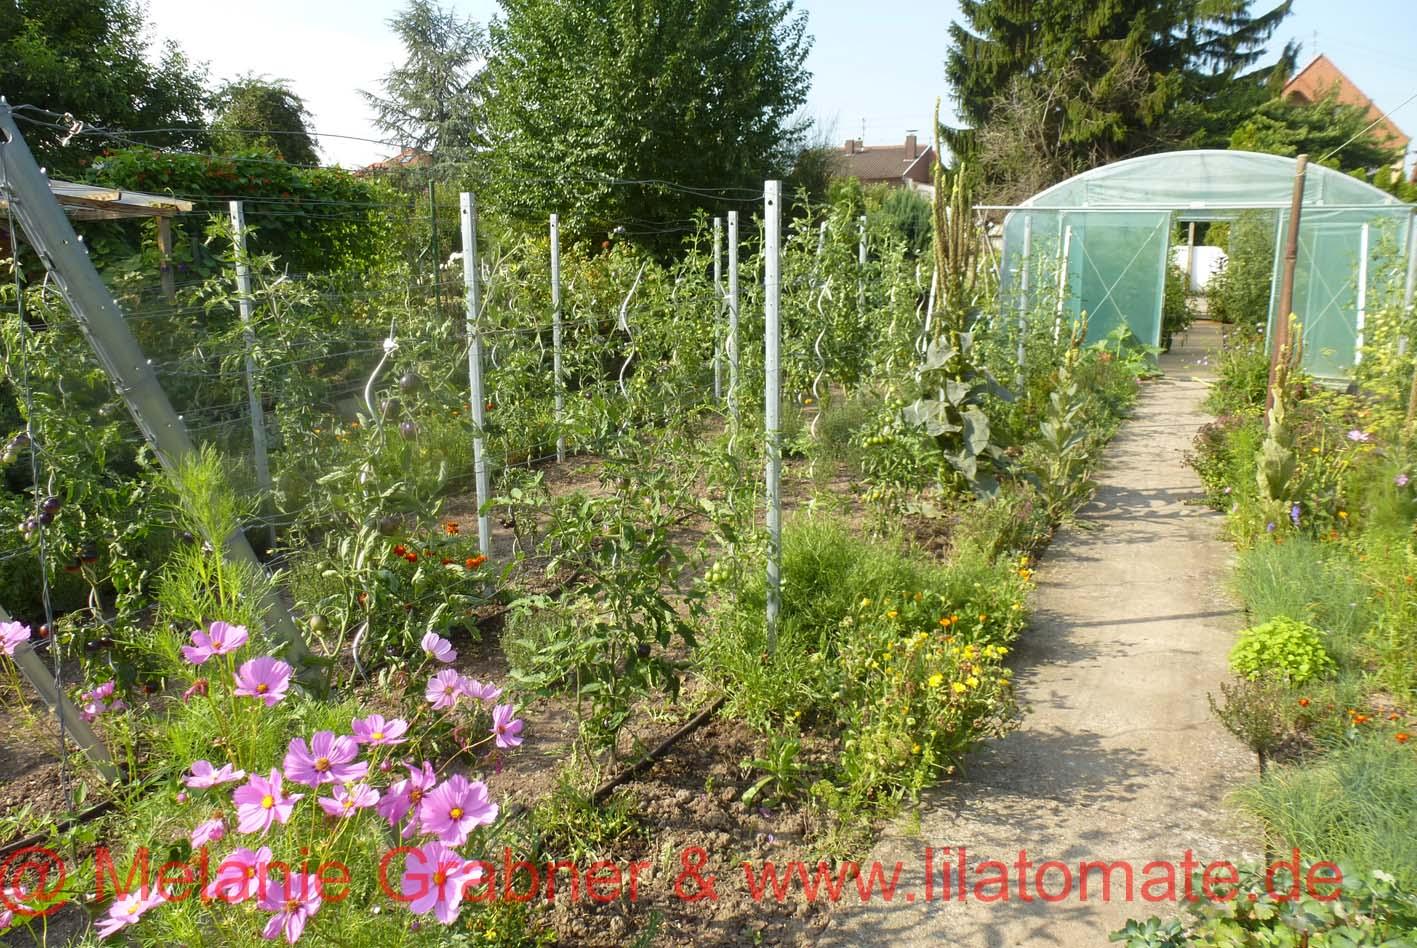 0 Gartenkurs Tomatenliebe: Pflanzzeit Samstag 7 April 18 von 10 -14.00 Uhr